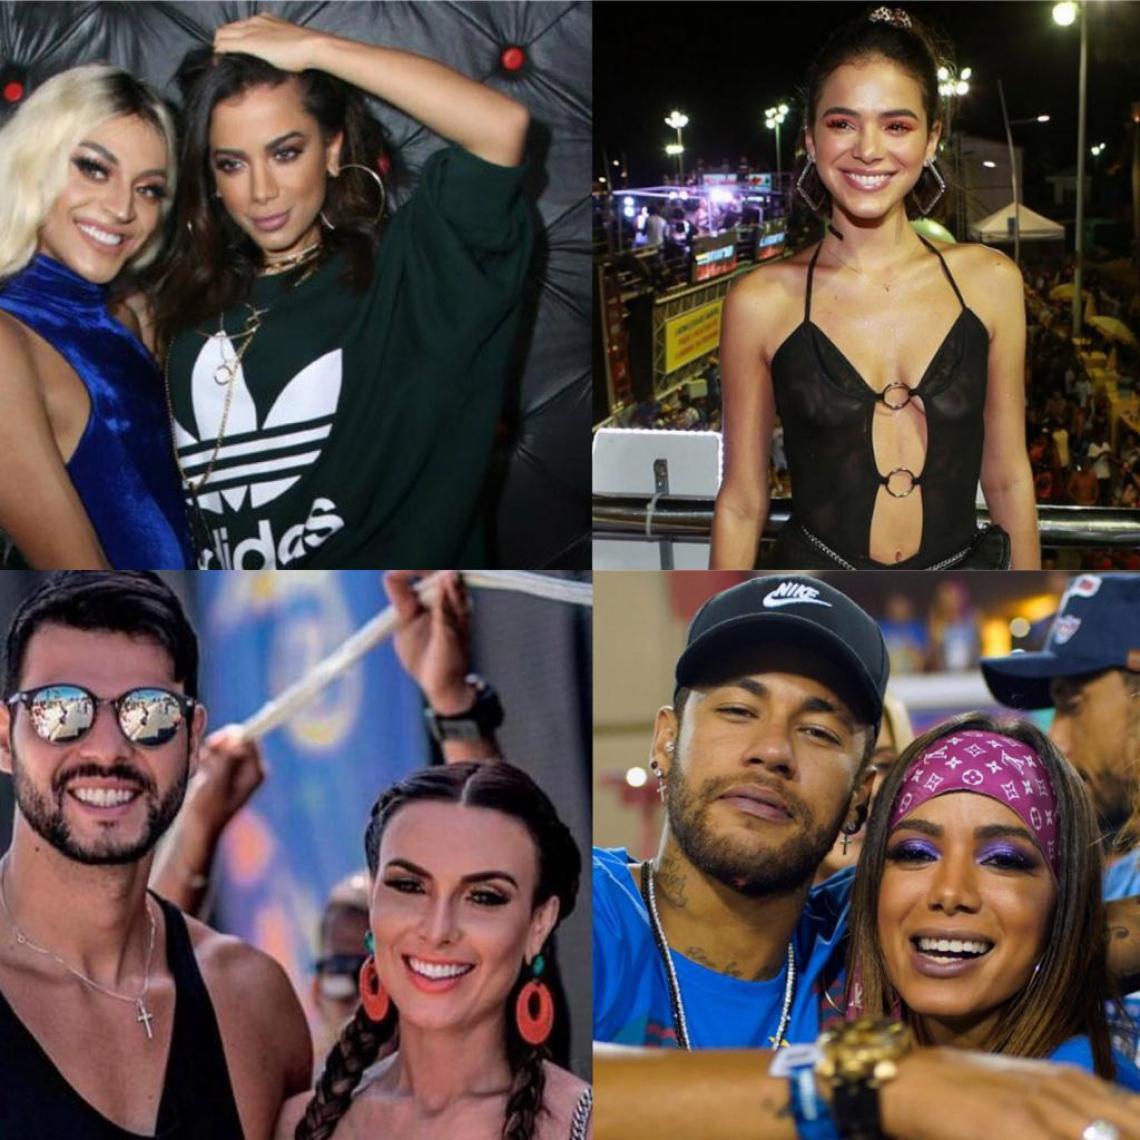 Anitta, Pabllo Vittar, Neymar, Bruna Marquenize, Nicole Bahls e Marcelo Bimbi protagonistas de bafão durante o Carnaval 2019. (Foto: Reprodução Twitter e Instagram)